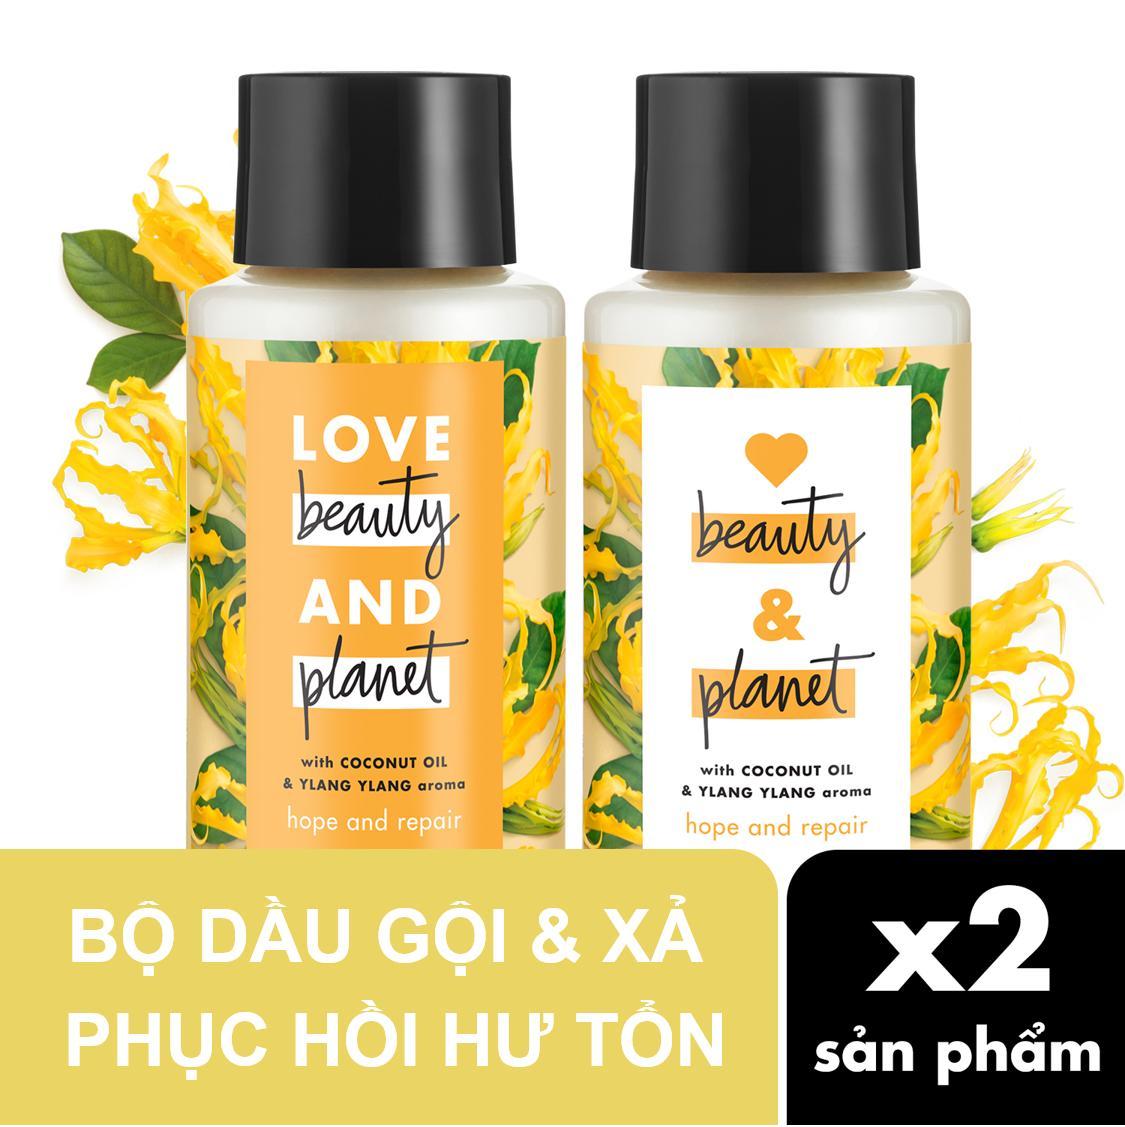 Combo phục hồi tóc hư tổn dầu gội & dầu xả Love Beauty & Planet 400ml tốt nhất